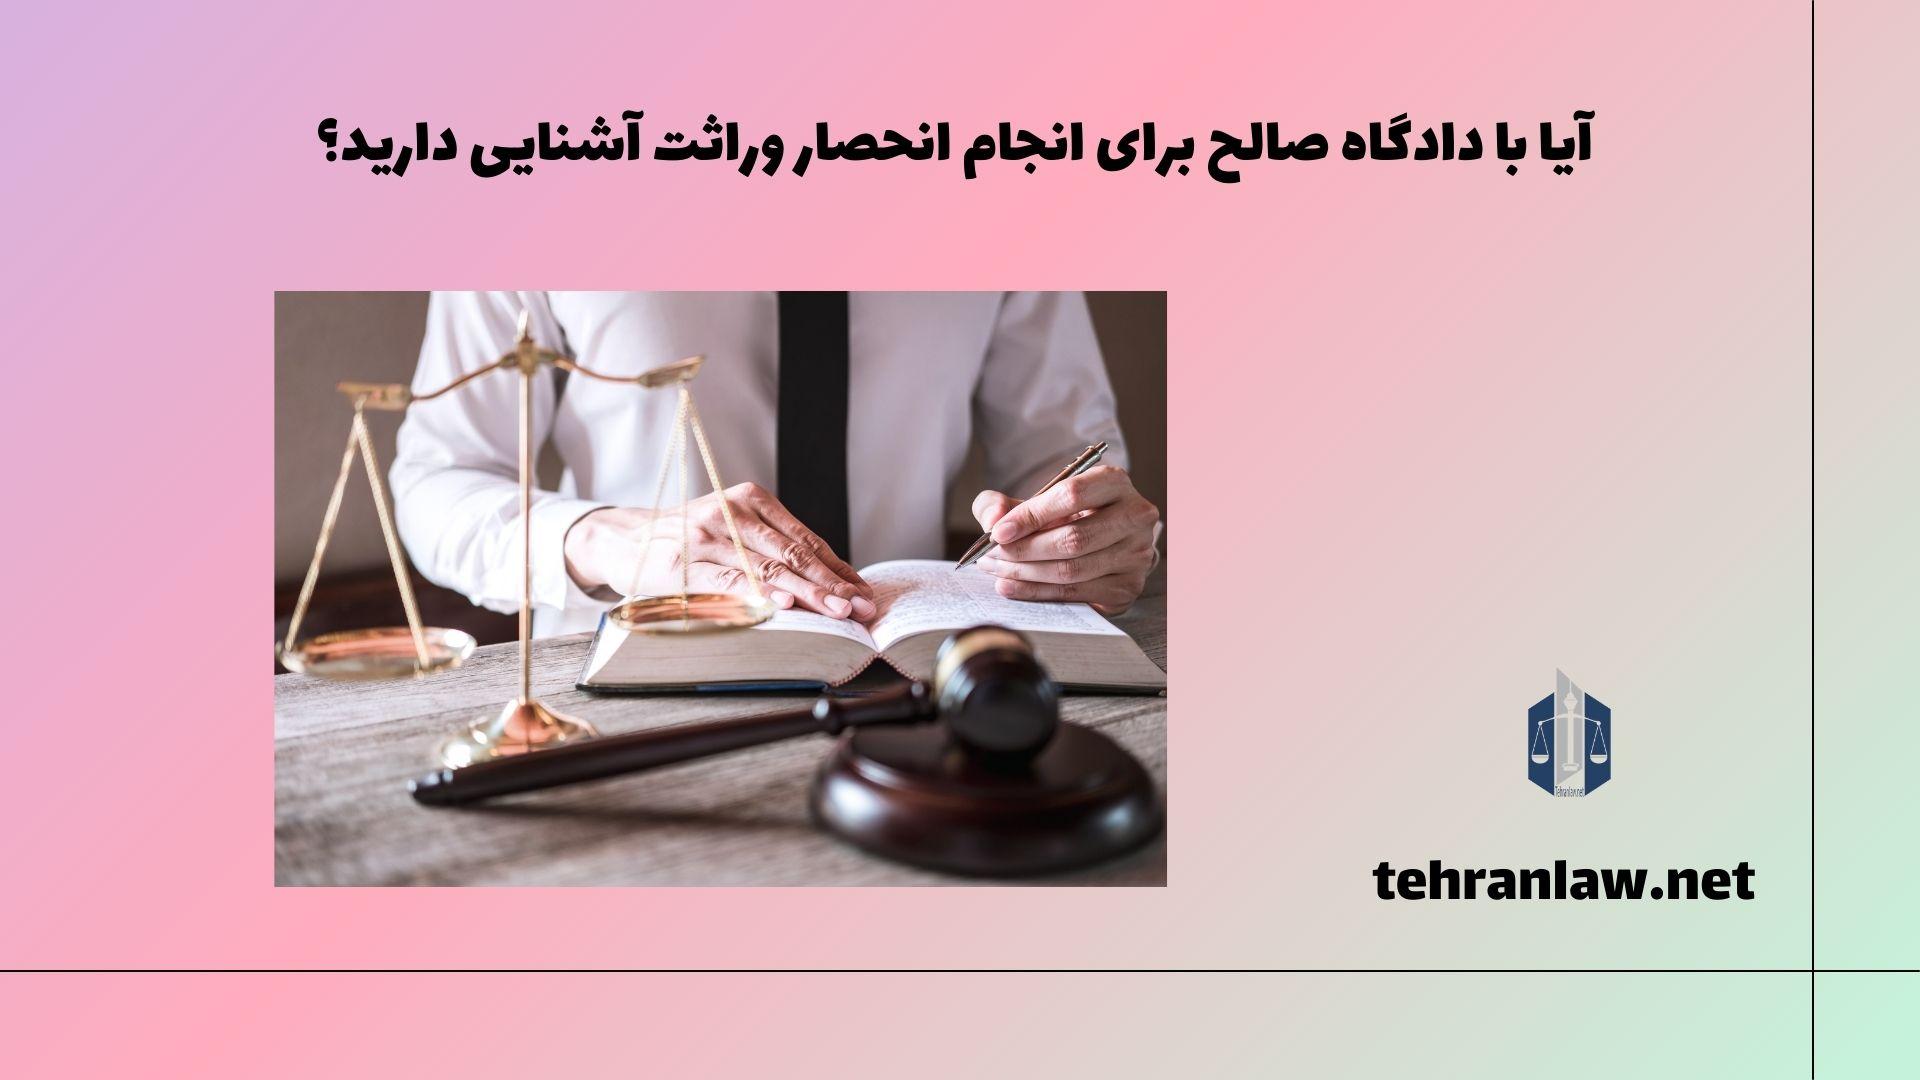 آیا با دادگاه صالح برای انجام انحصار وراثت آشنایی دارید؟